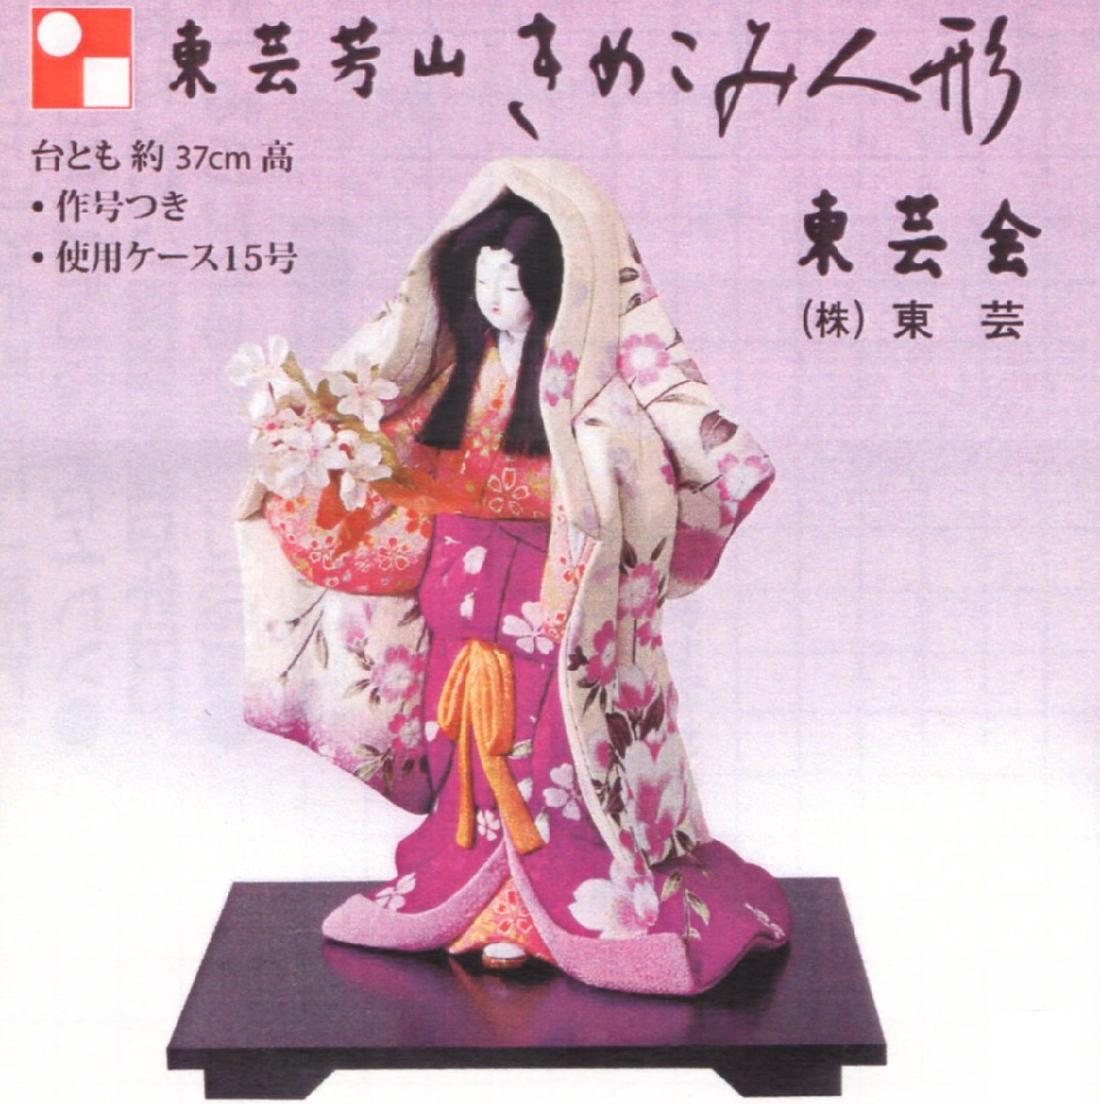 東芸木目込人形キット「桜麗しく」S804-15